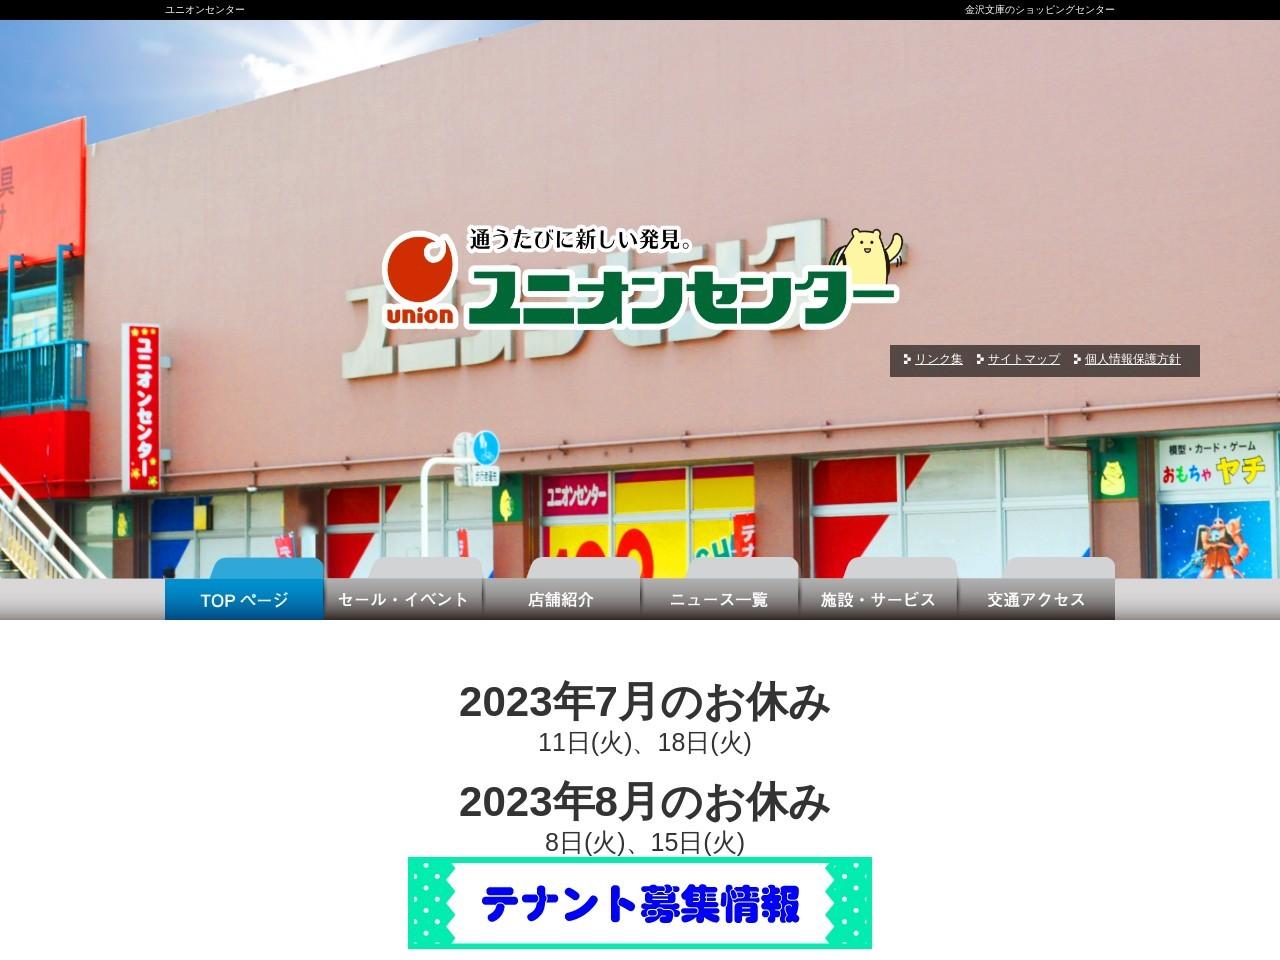 ユニオンセンター | 金沢文庫のショッピングセンター